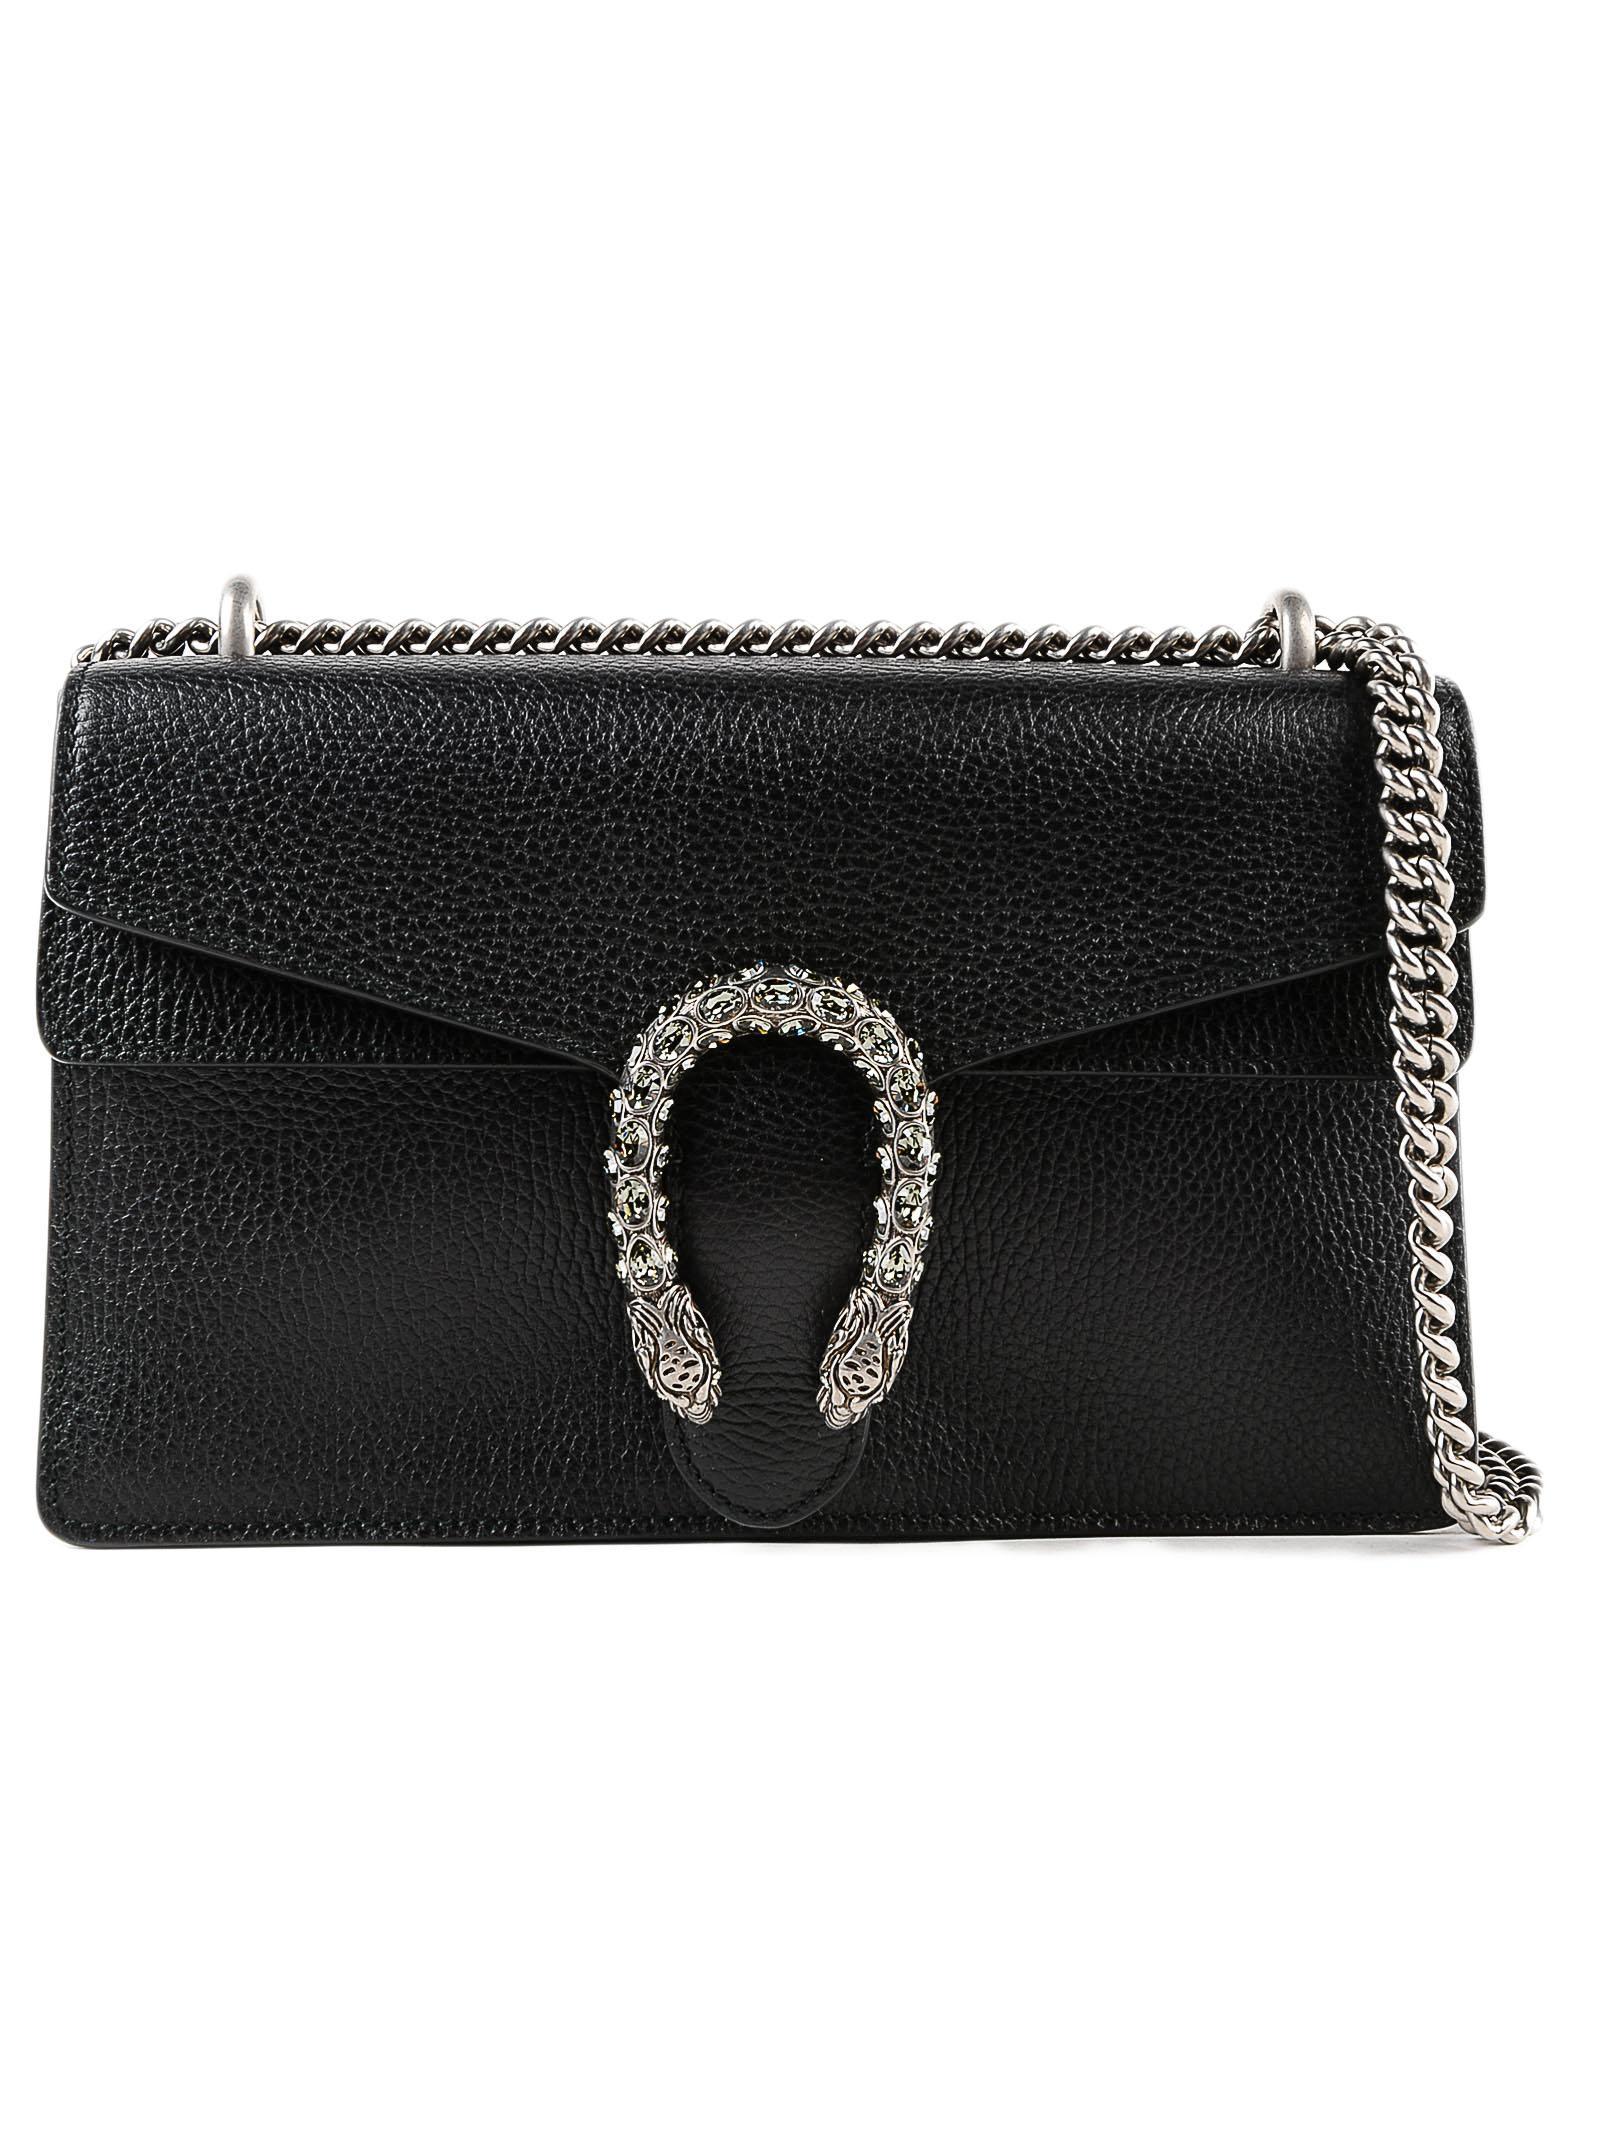 19b81d52ebd Lyst - Gucci Dionysus Bag in Black